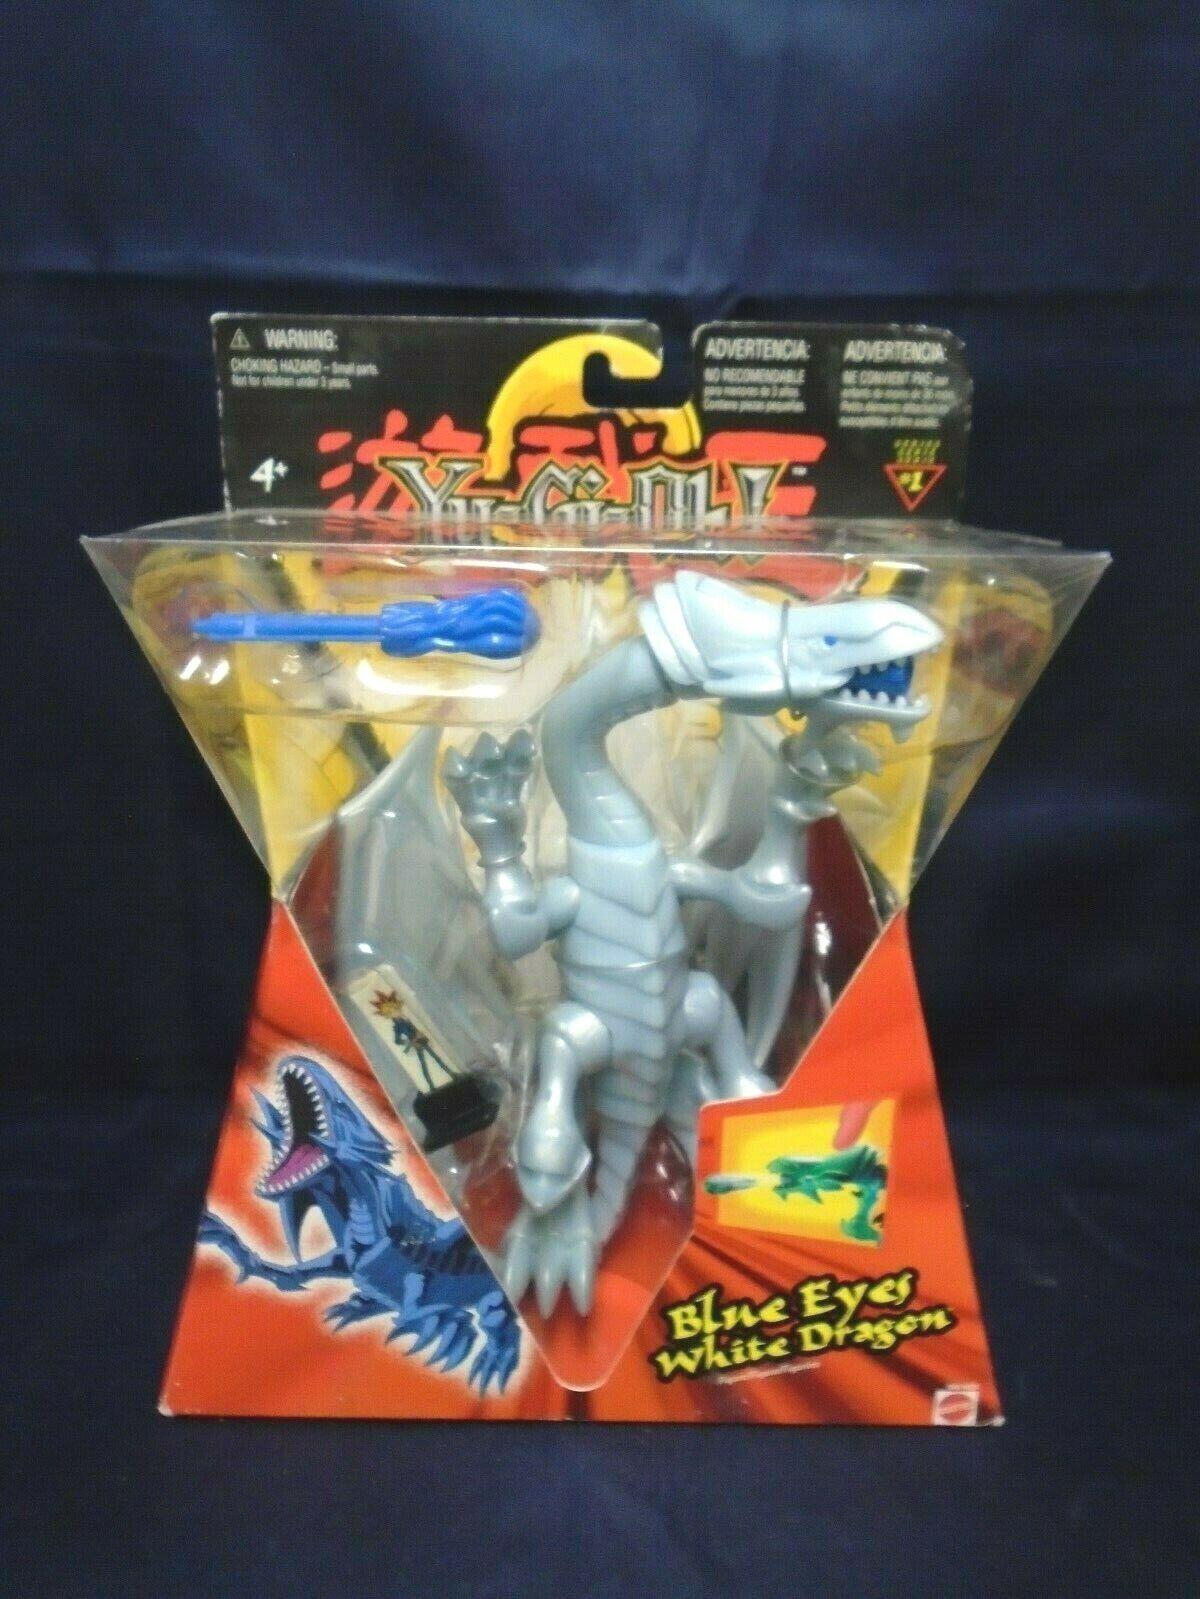 YuGiOh  blu Eyes bianca Dragon cifra Mattel 2002